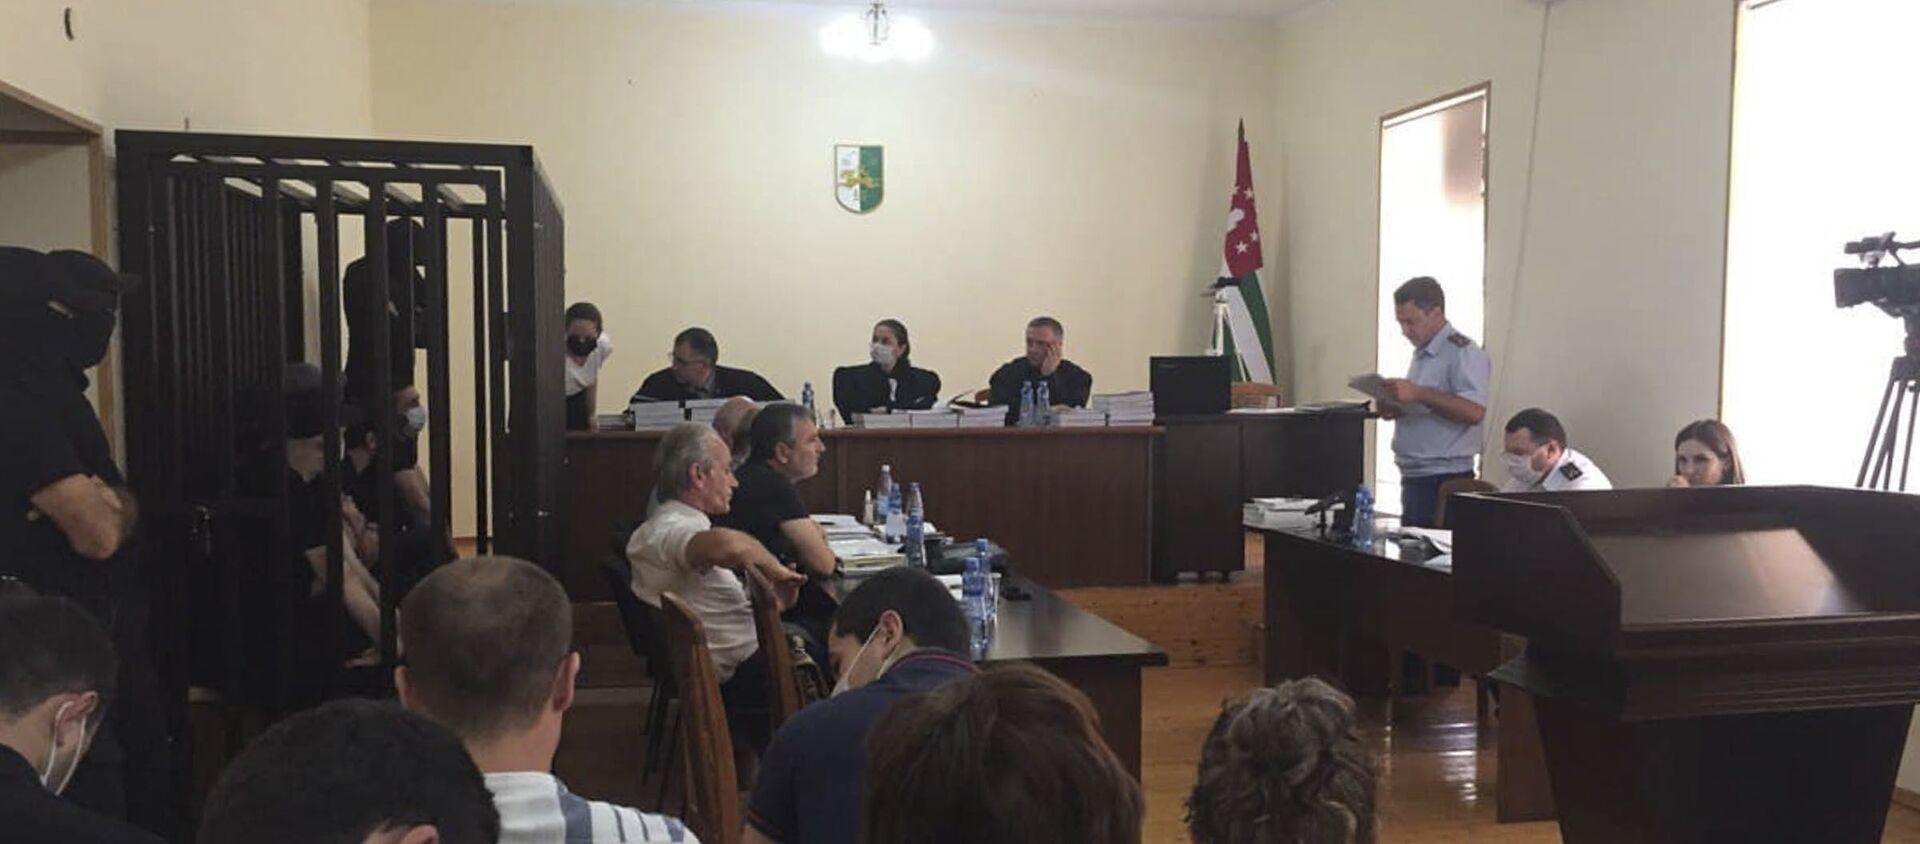 Второе заседание Верховного суда по делу о тройном убийстве  - Sputnik Абхазия, 1920, 13.07.2021